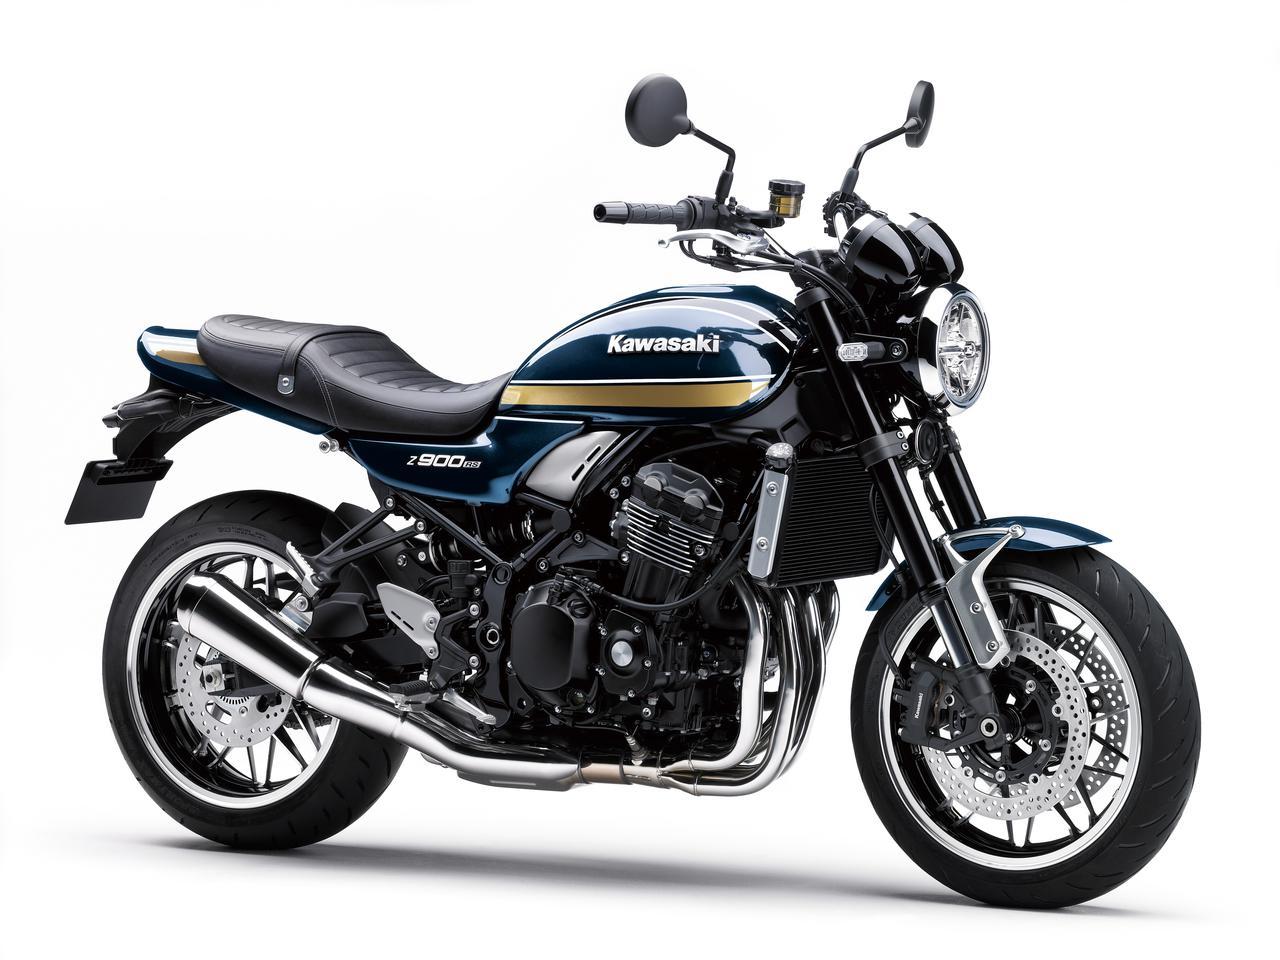 画像: Kawasaki Z900RS 2022年モデル 総排気量:948cc エンジン形式:水冷4ストDOHC4バルブ並列4気筒 シート高:800mm 車両重量:215kg